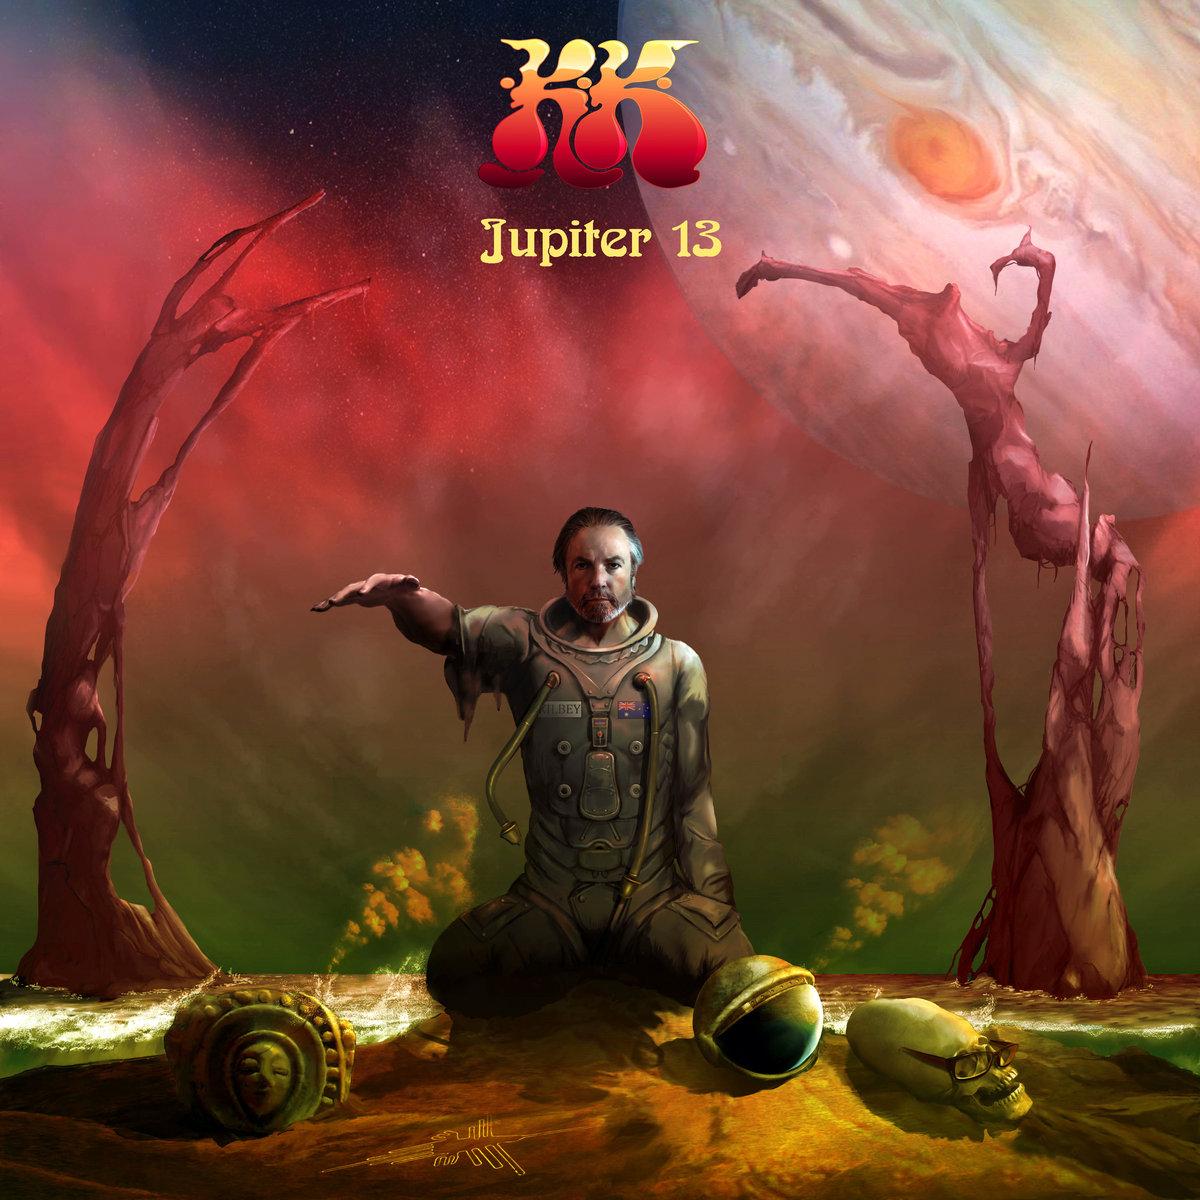 Jupiter 13 cover image